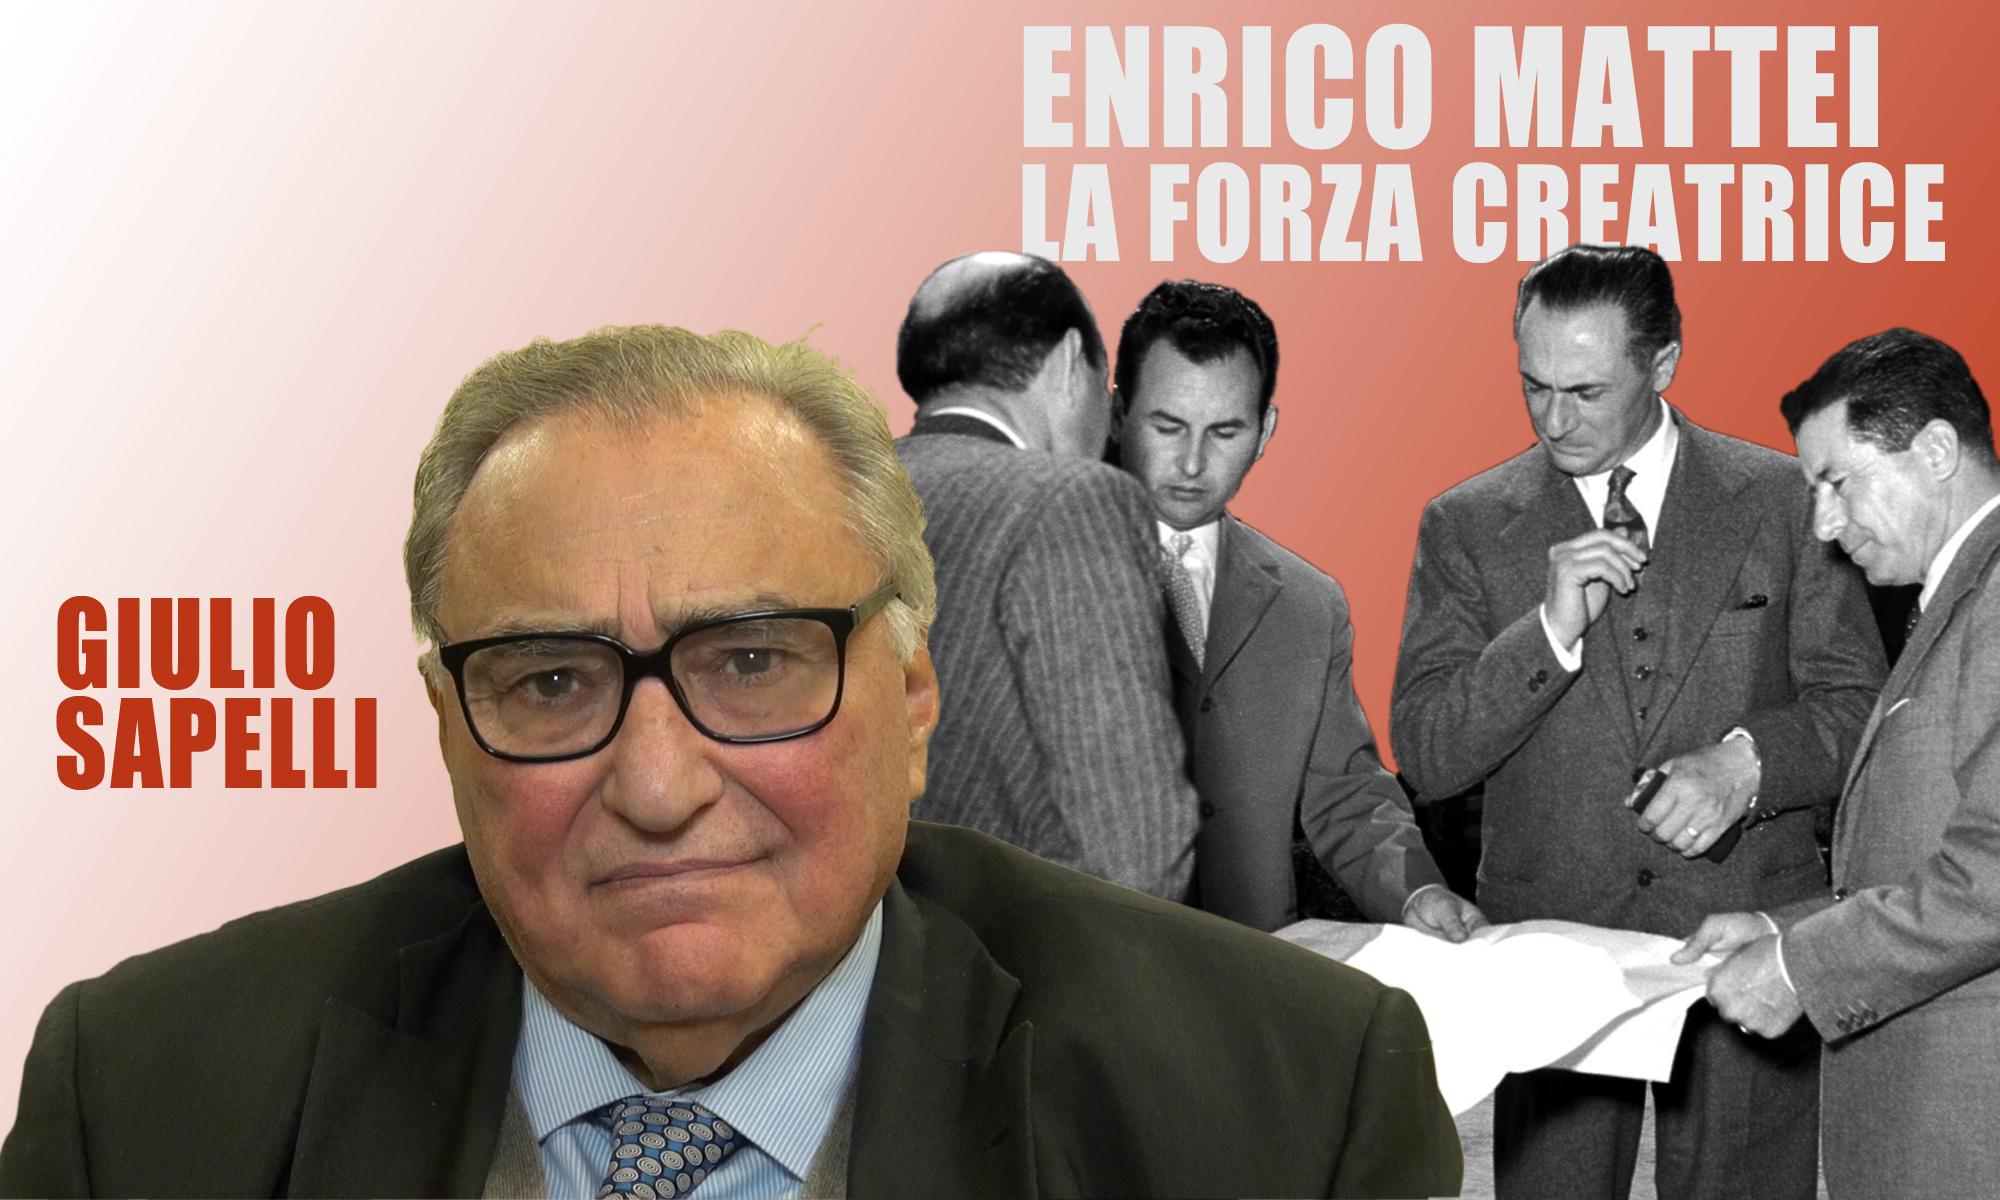 Giulio Sapelli: «Mattei, la forza creatrice»